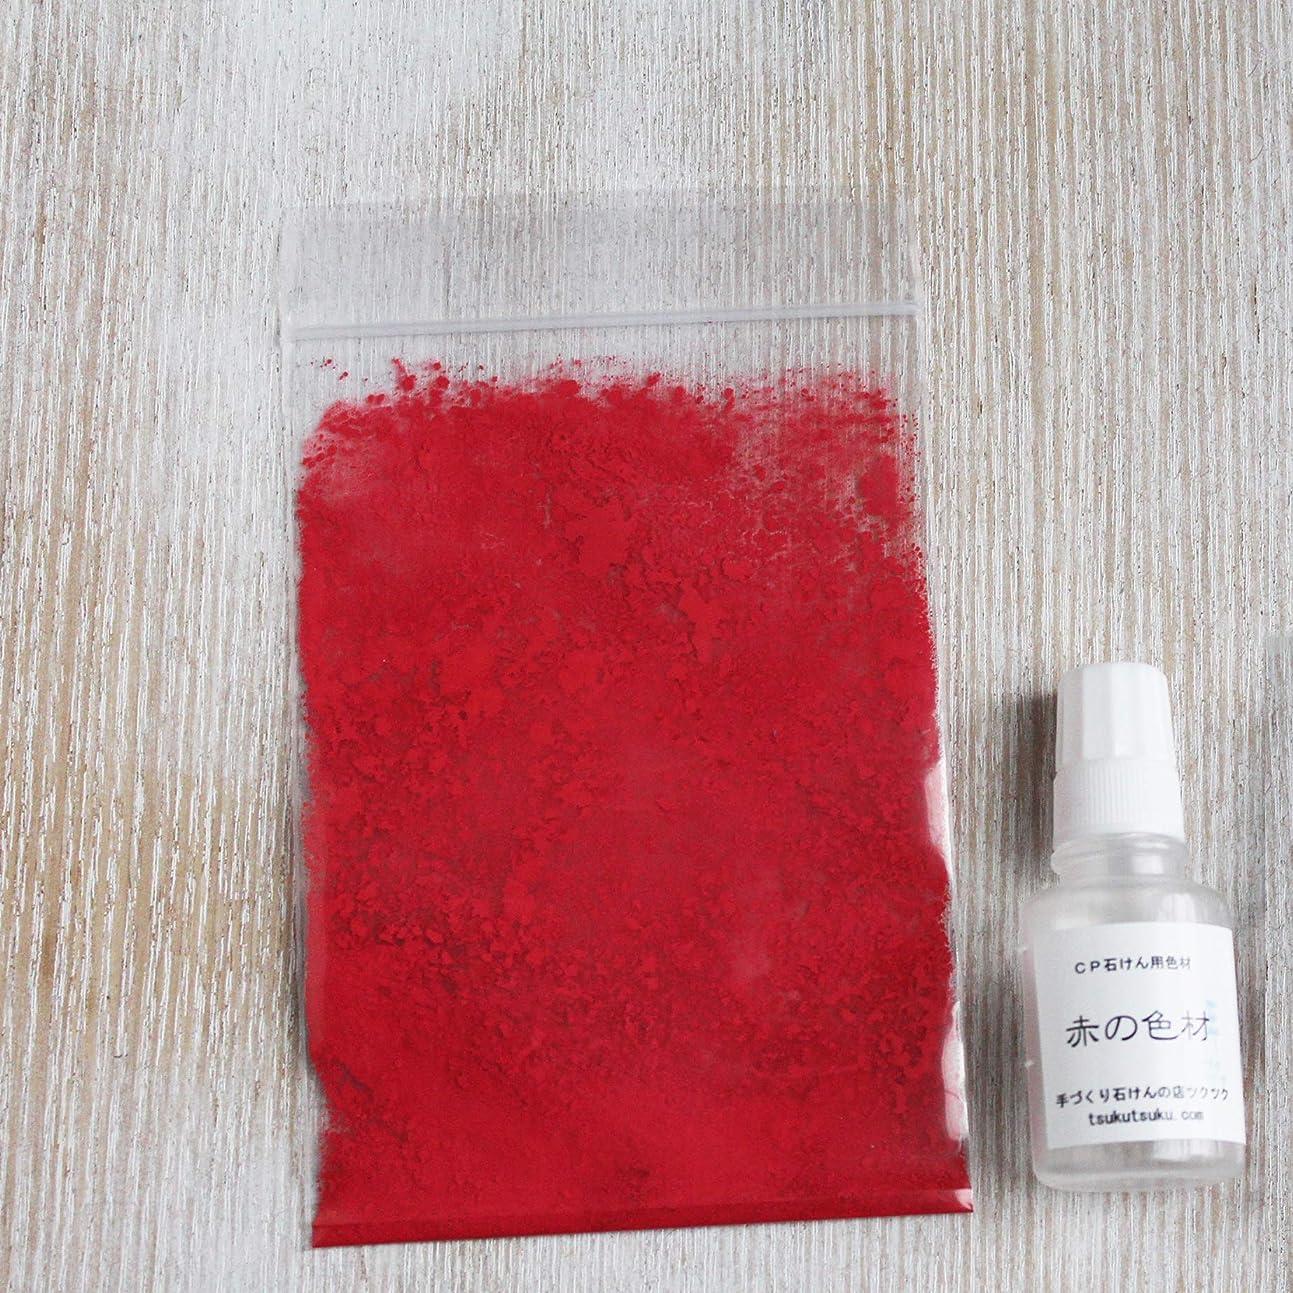 休日に葡萄千CP石けん用色材 赤の色材キット/手作り石けん?手作り化粧品材料